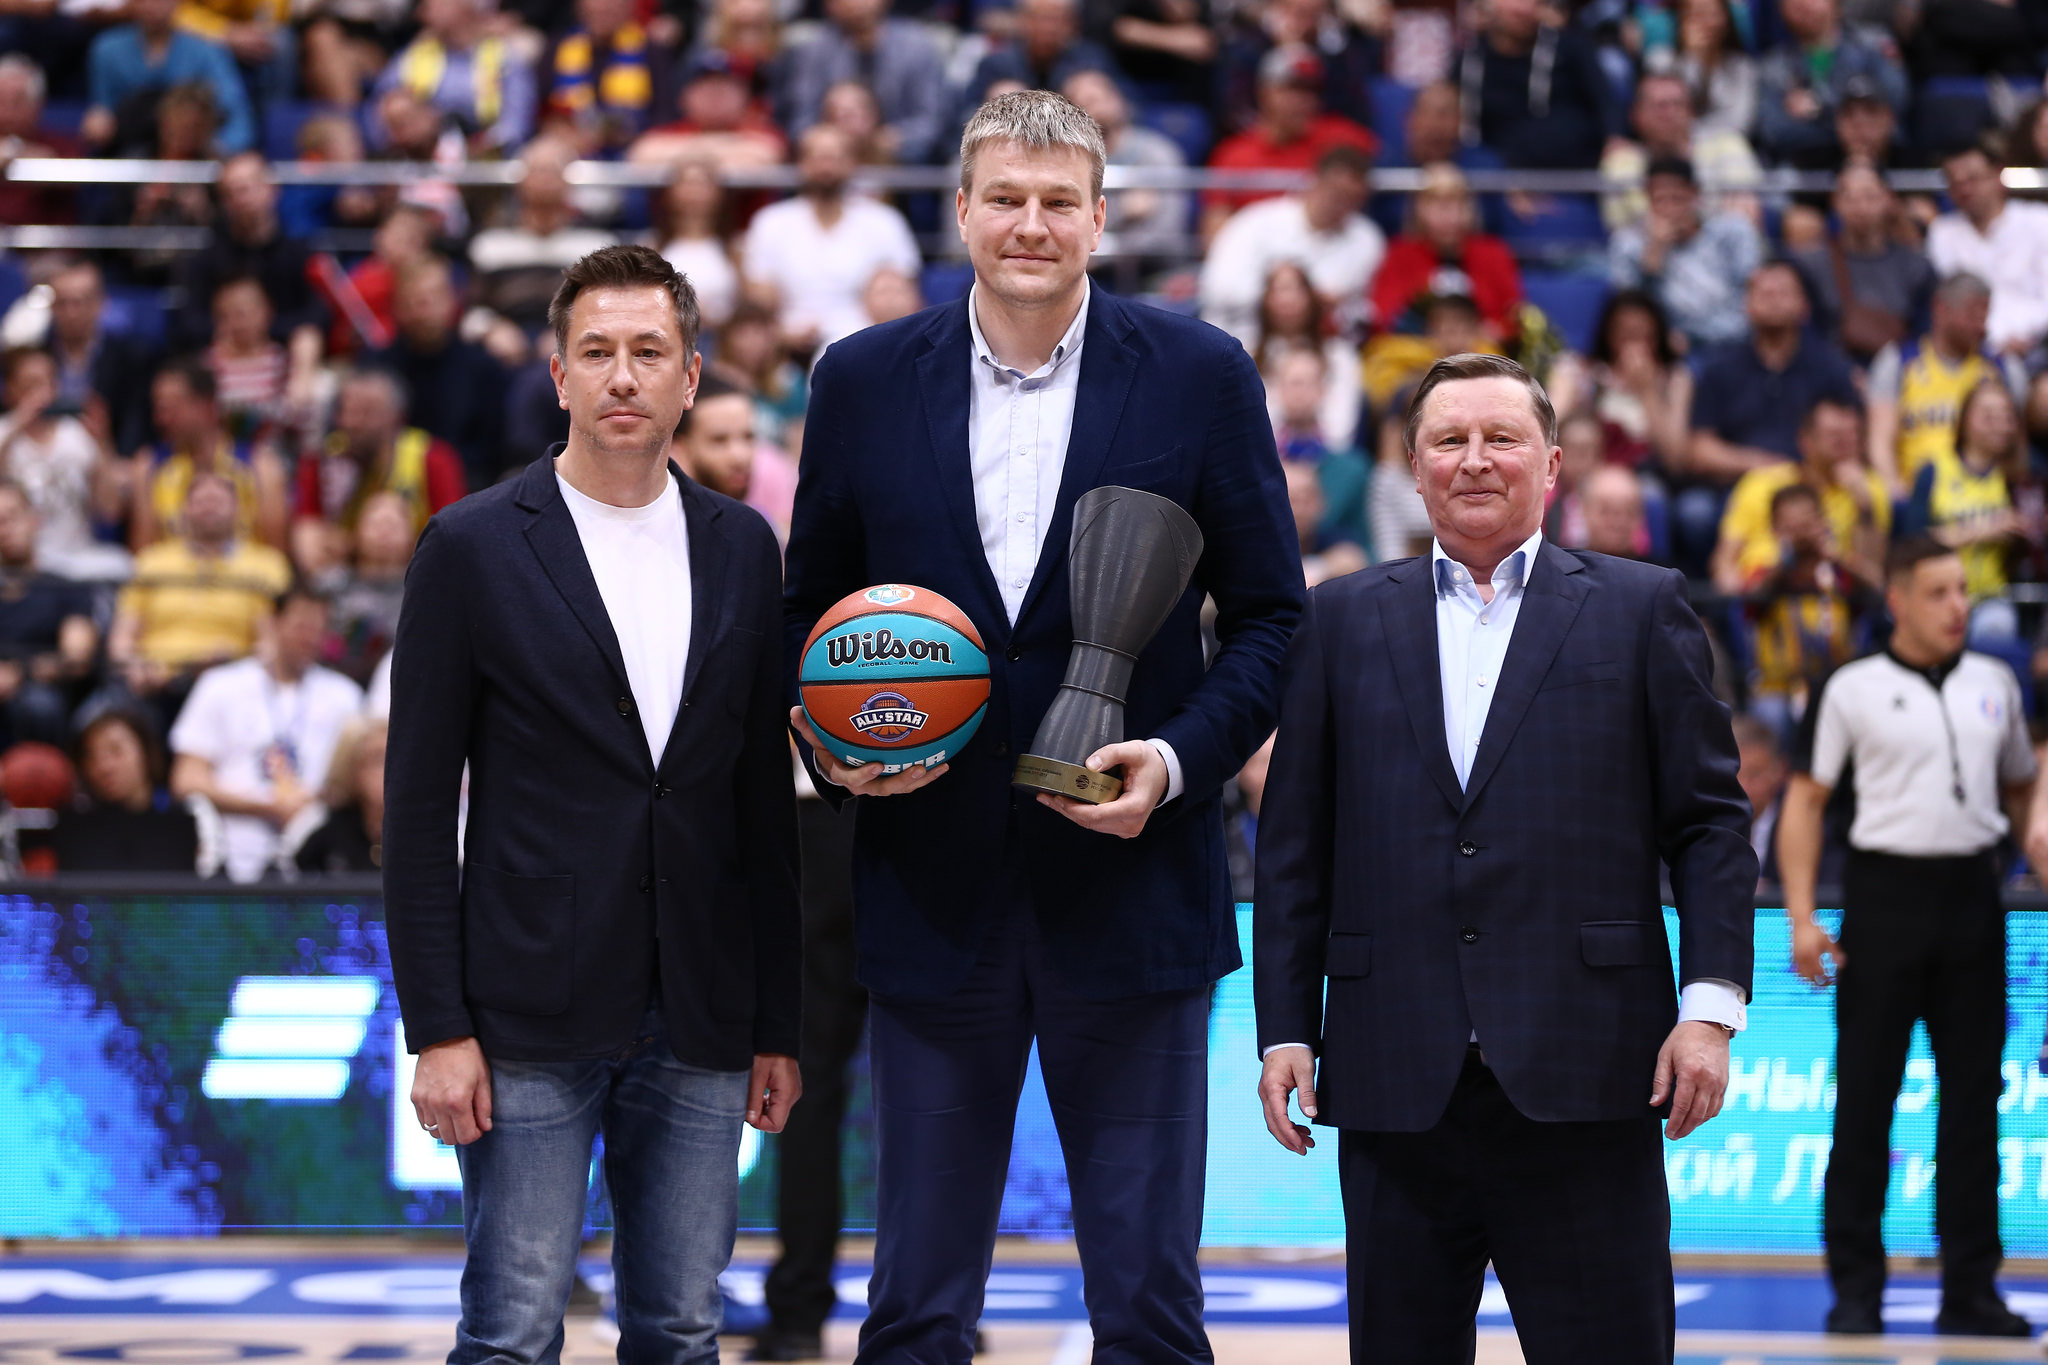 VTB United League Recaps BASKETBOTTLE Campaign At Final Four